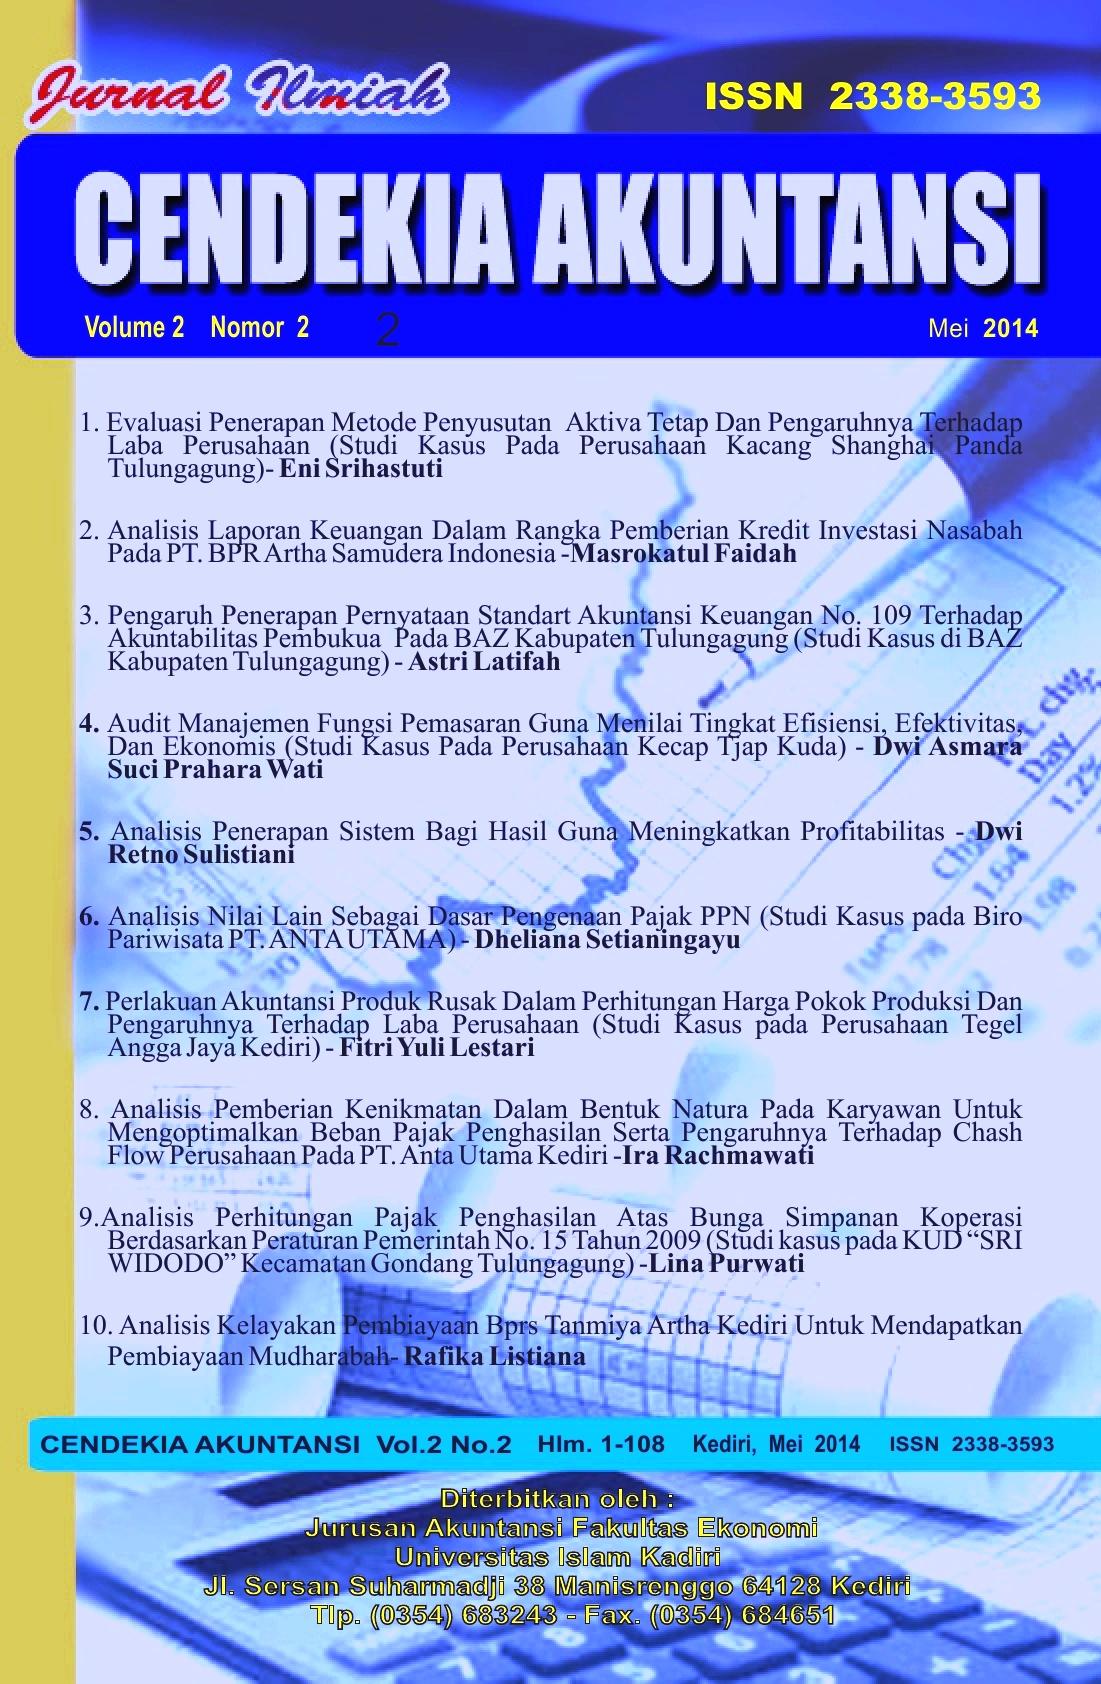 Cendekia Akuntansi Vol.2 No.2 Mei 2014